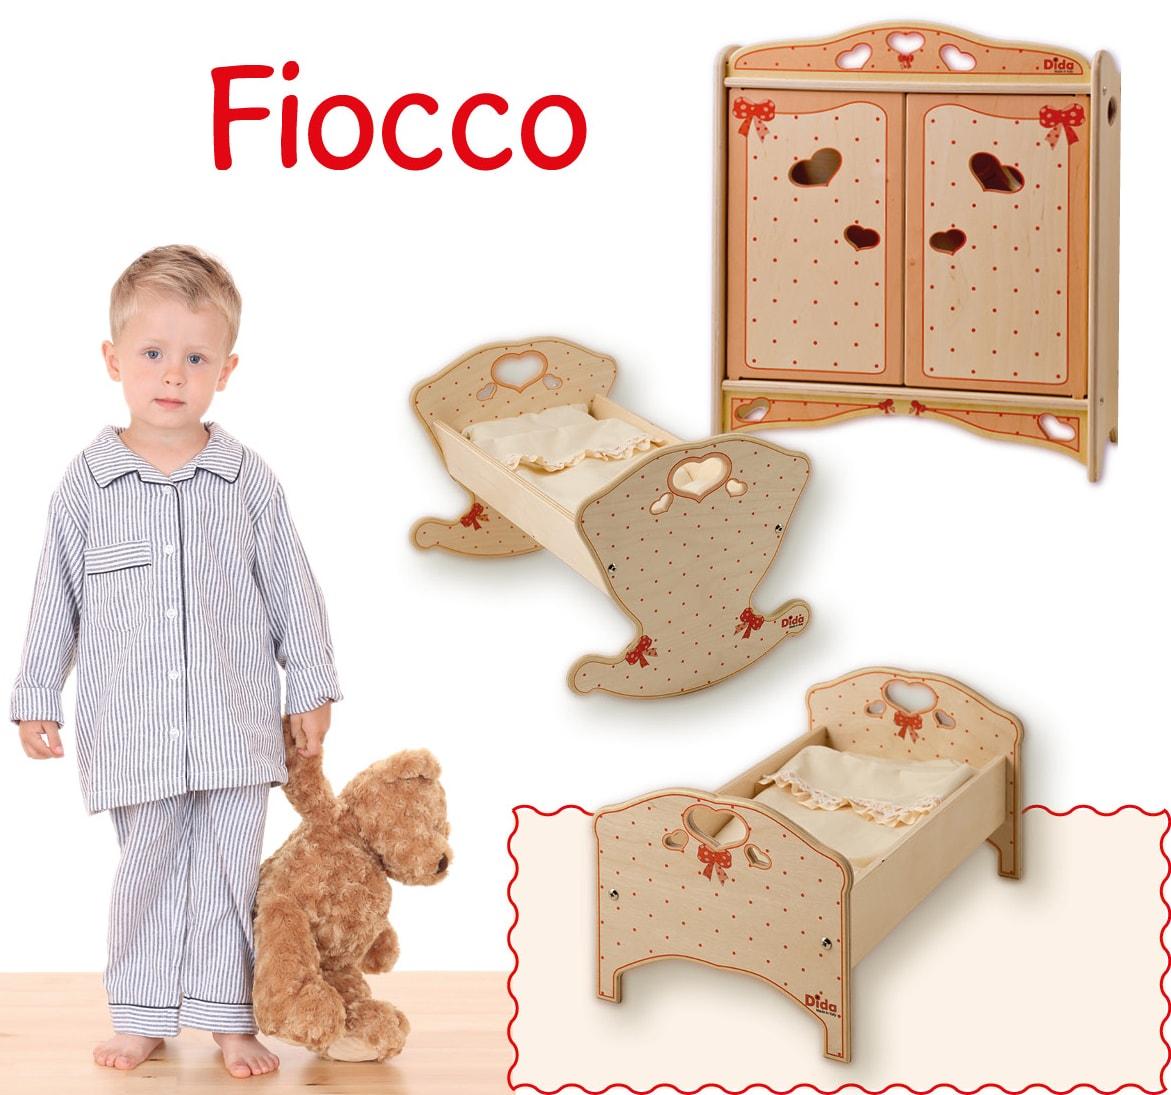 Fiocco